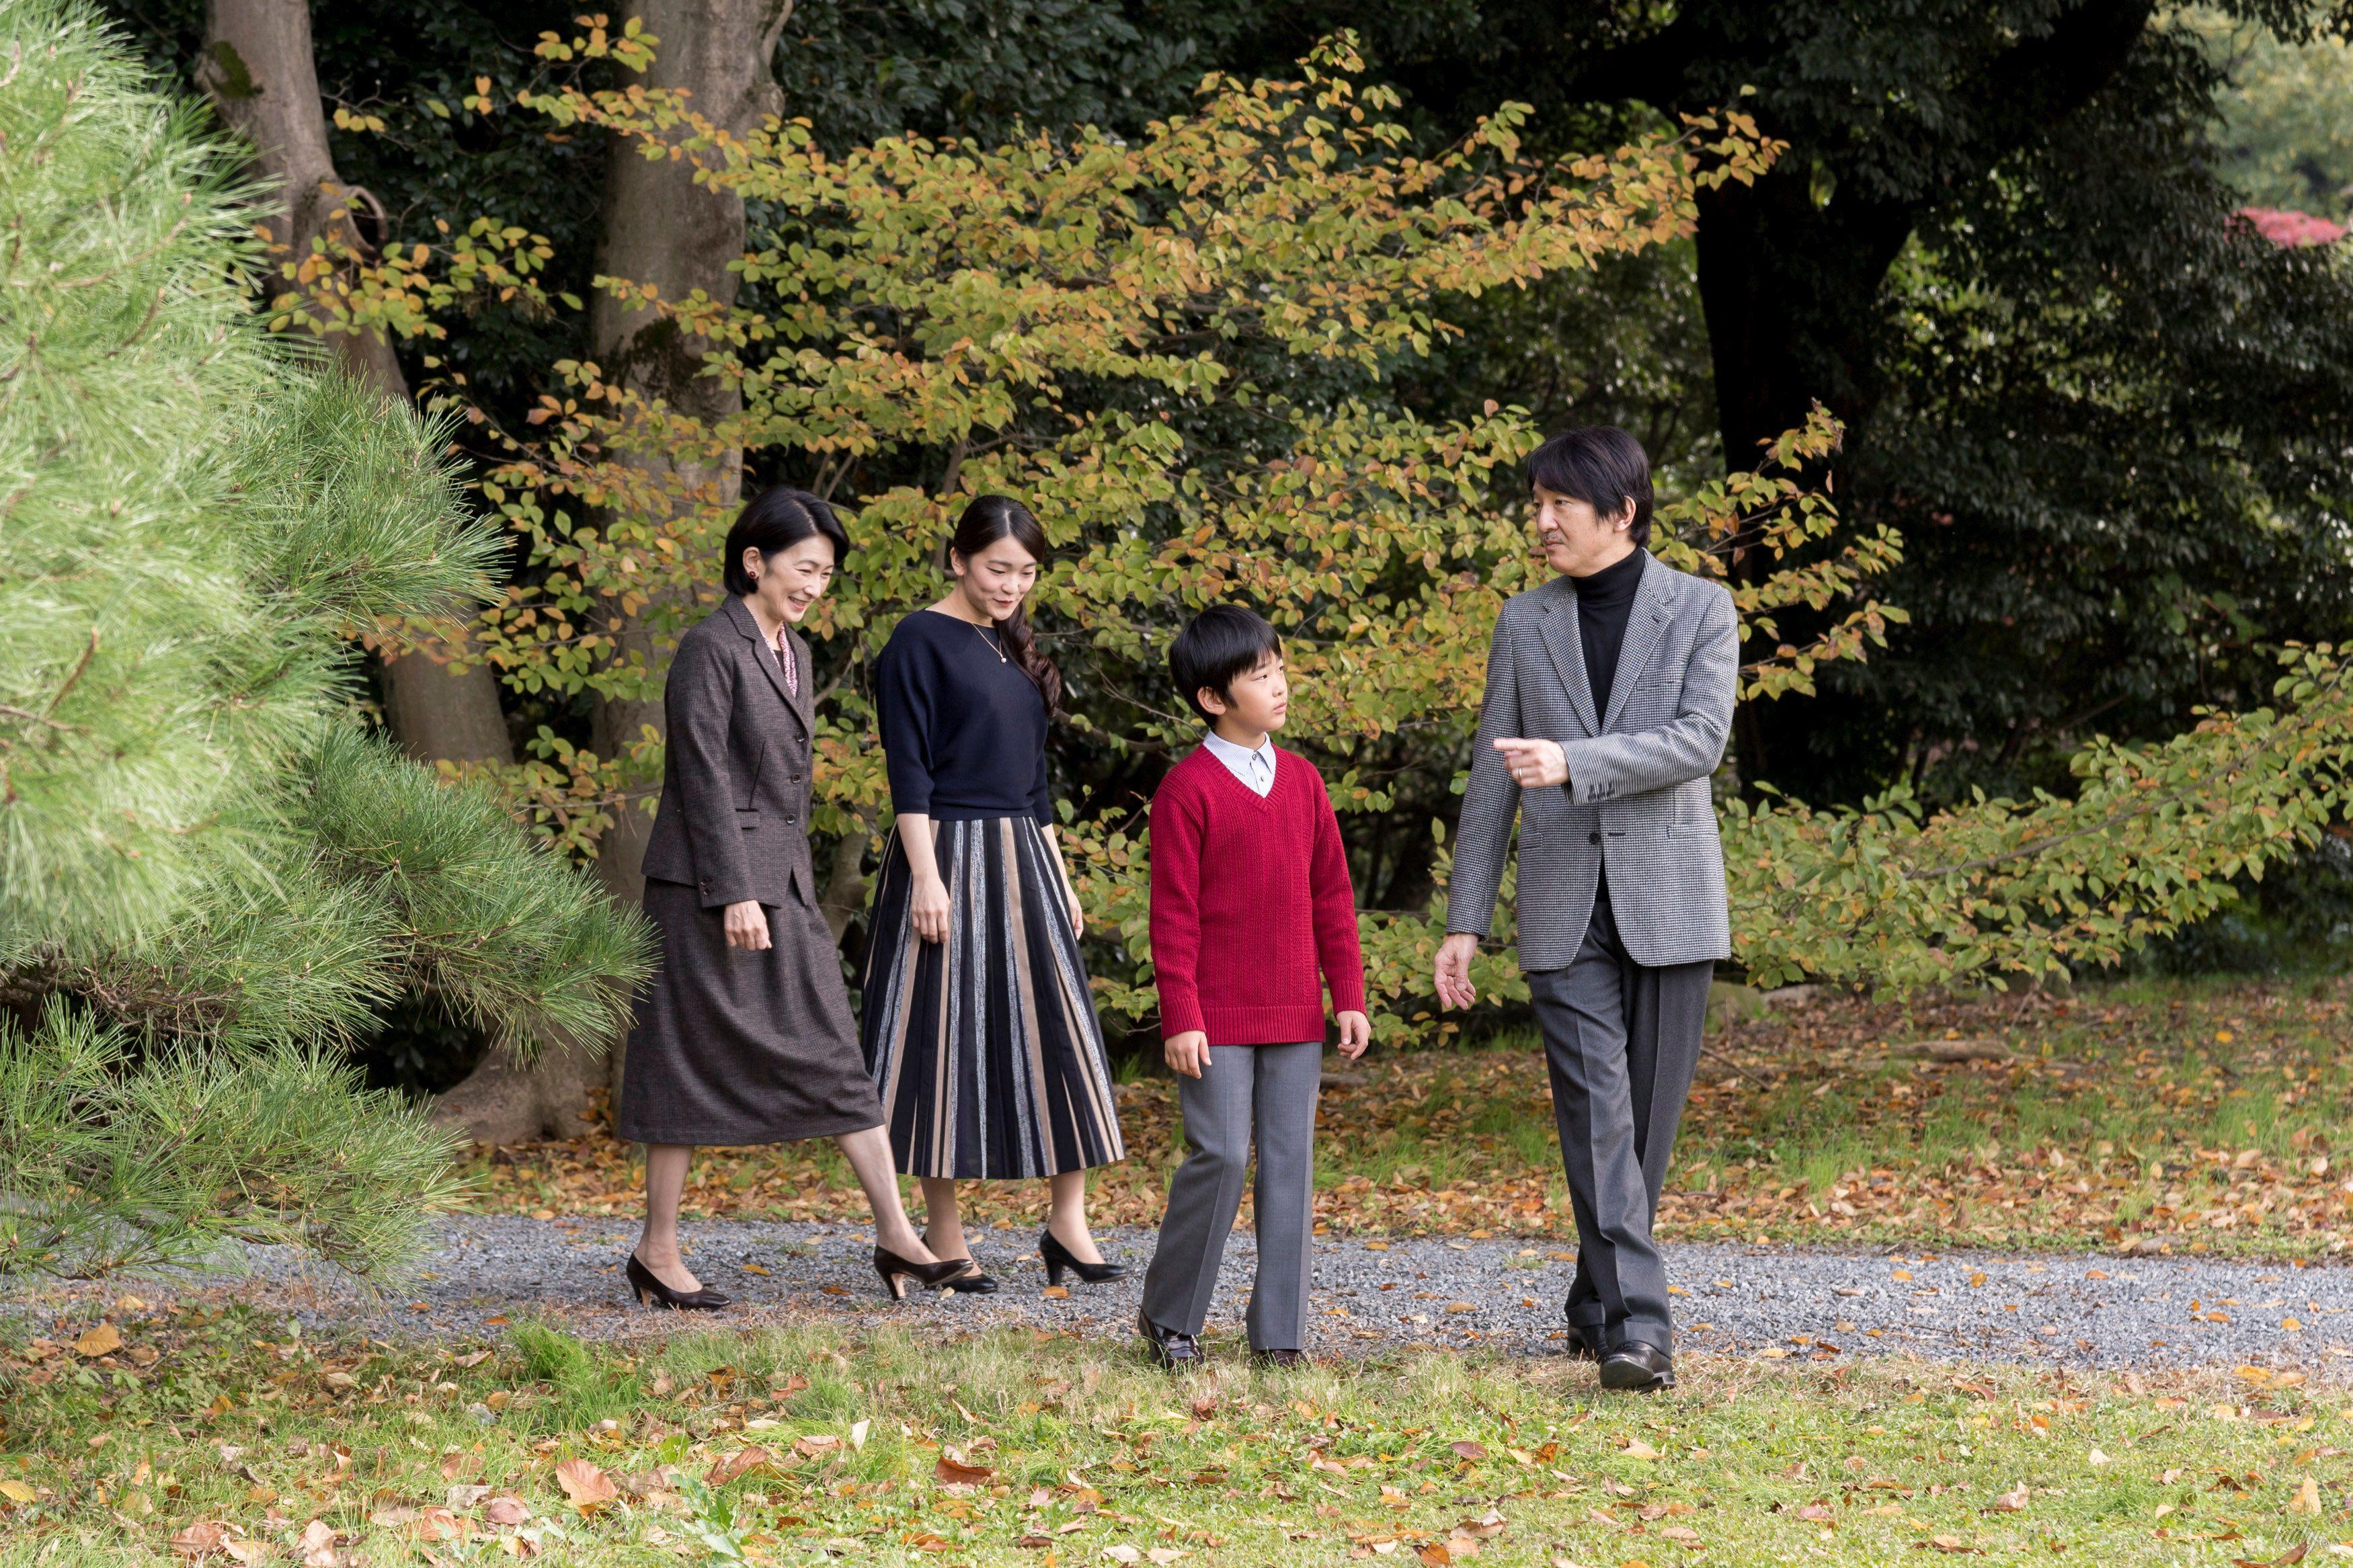 Японский принц Акисино, его жена принцесса Кико и их дети - принц Хисахито и принцесса Мако_1